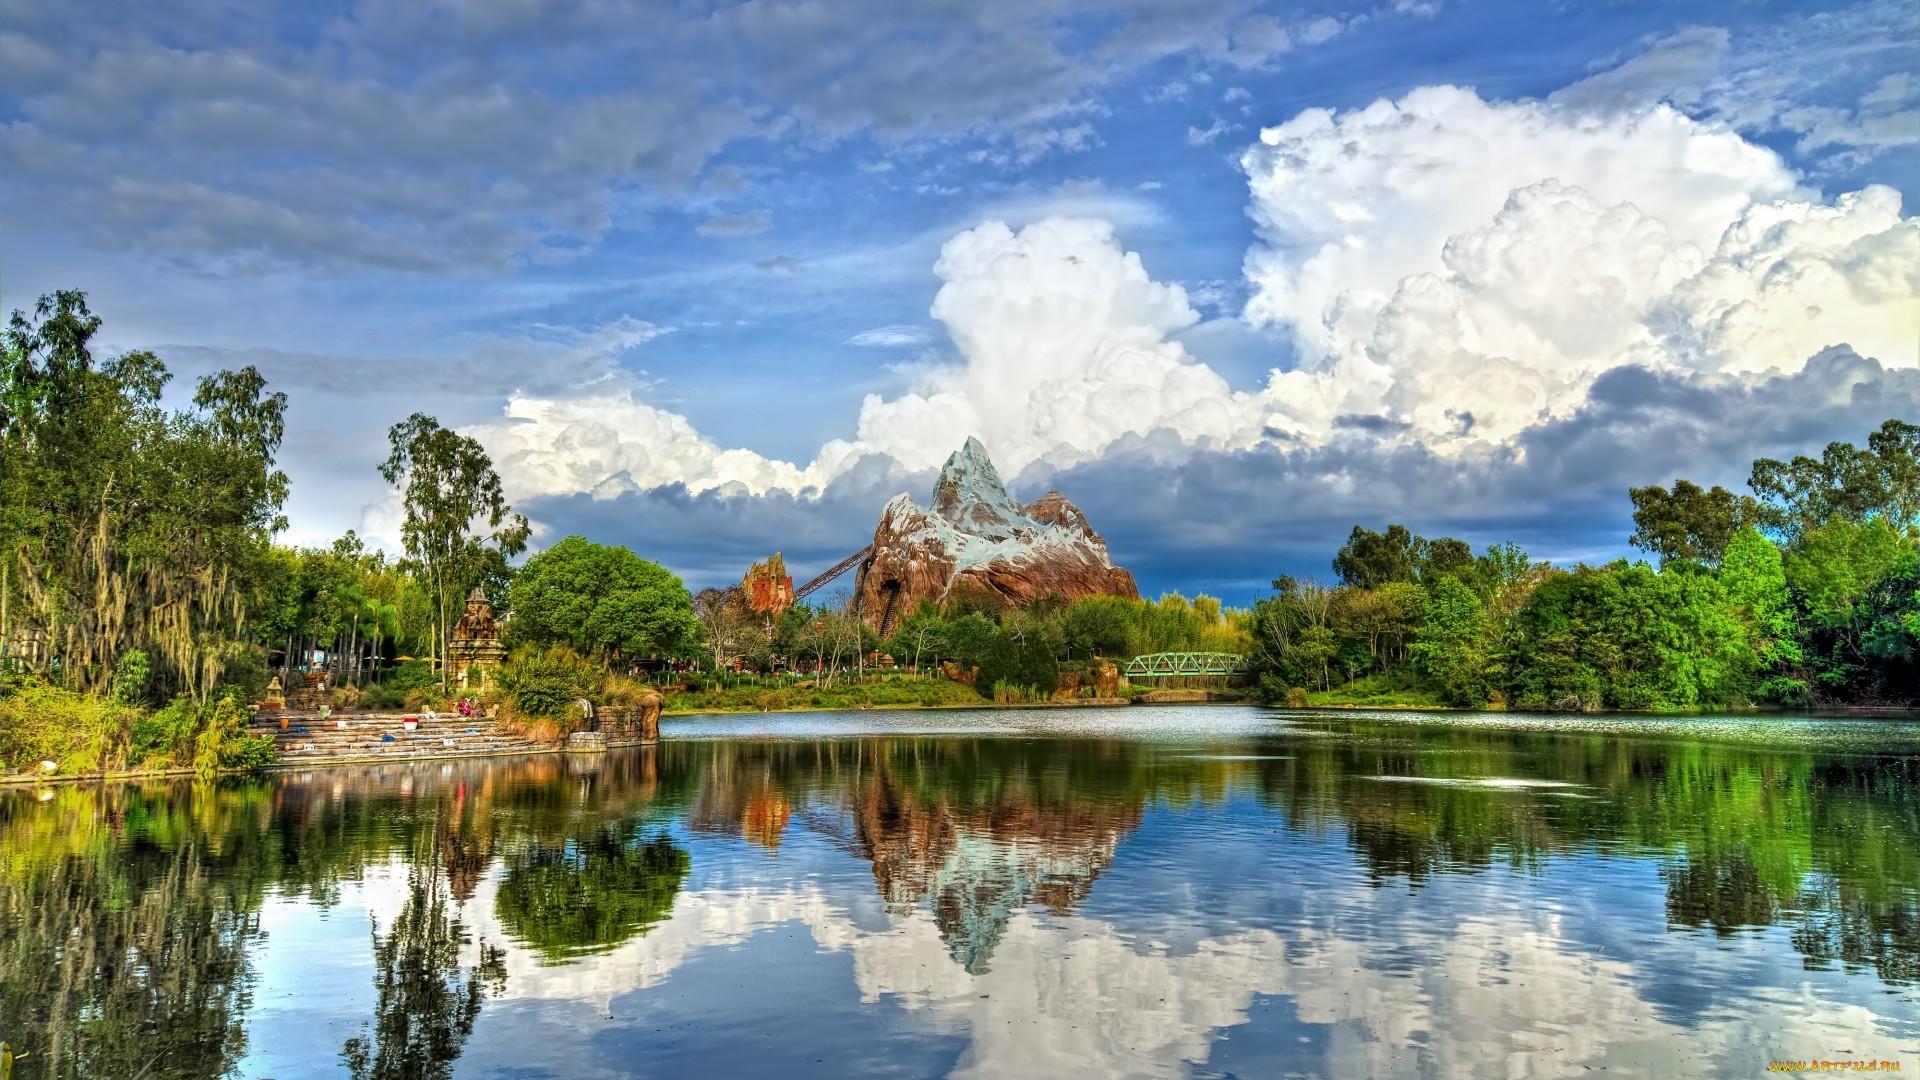 20837 скачать обои Пейзаж, Река, Небо, Горы, Облака - заставки и картинки бесплатно